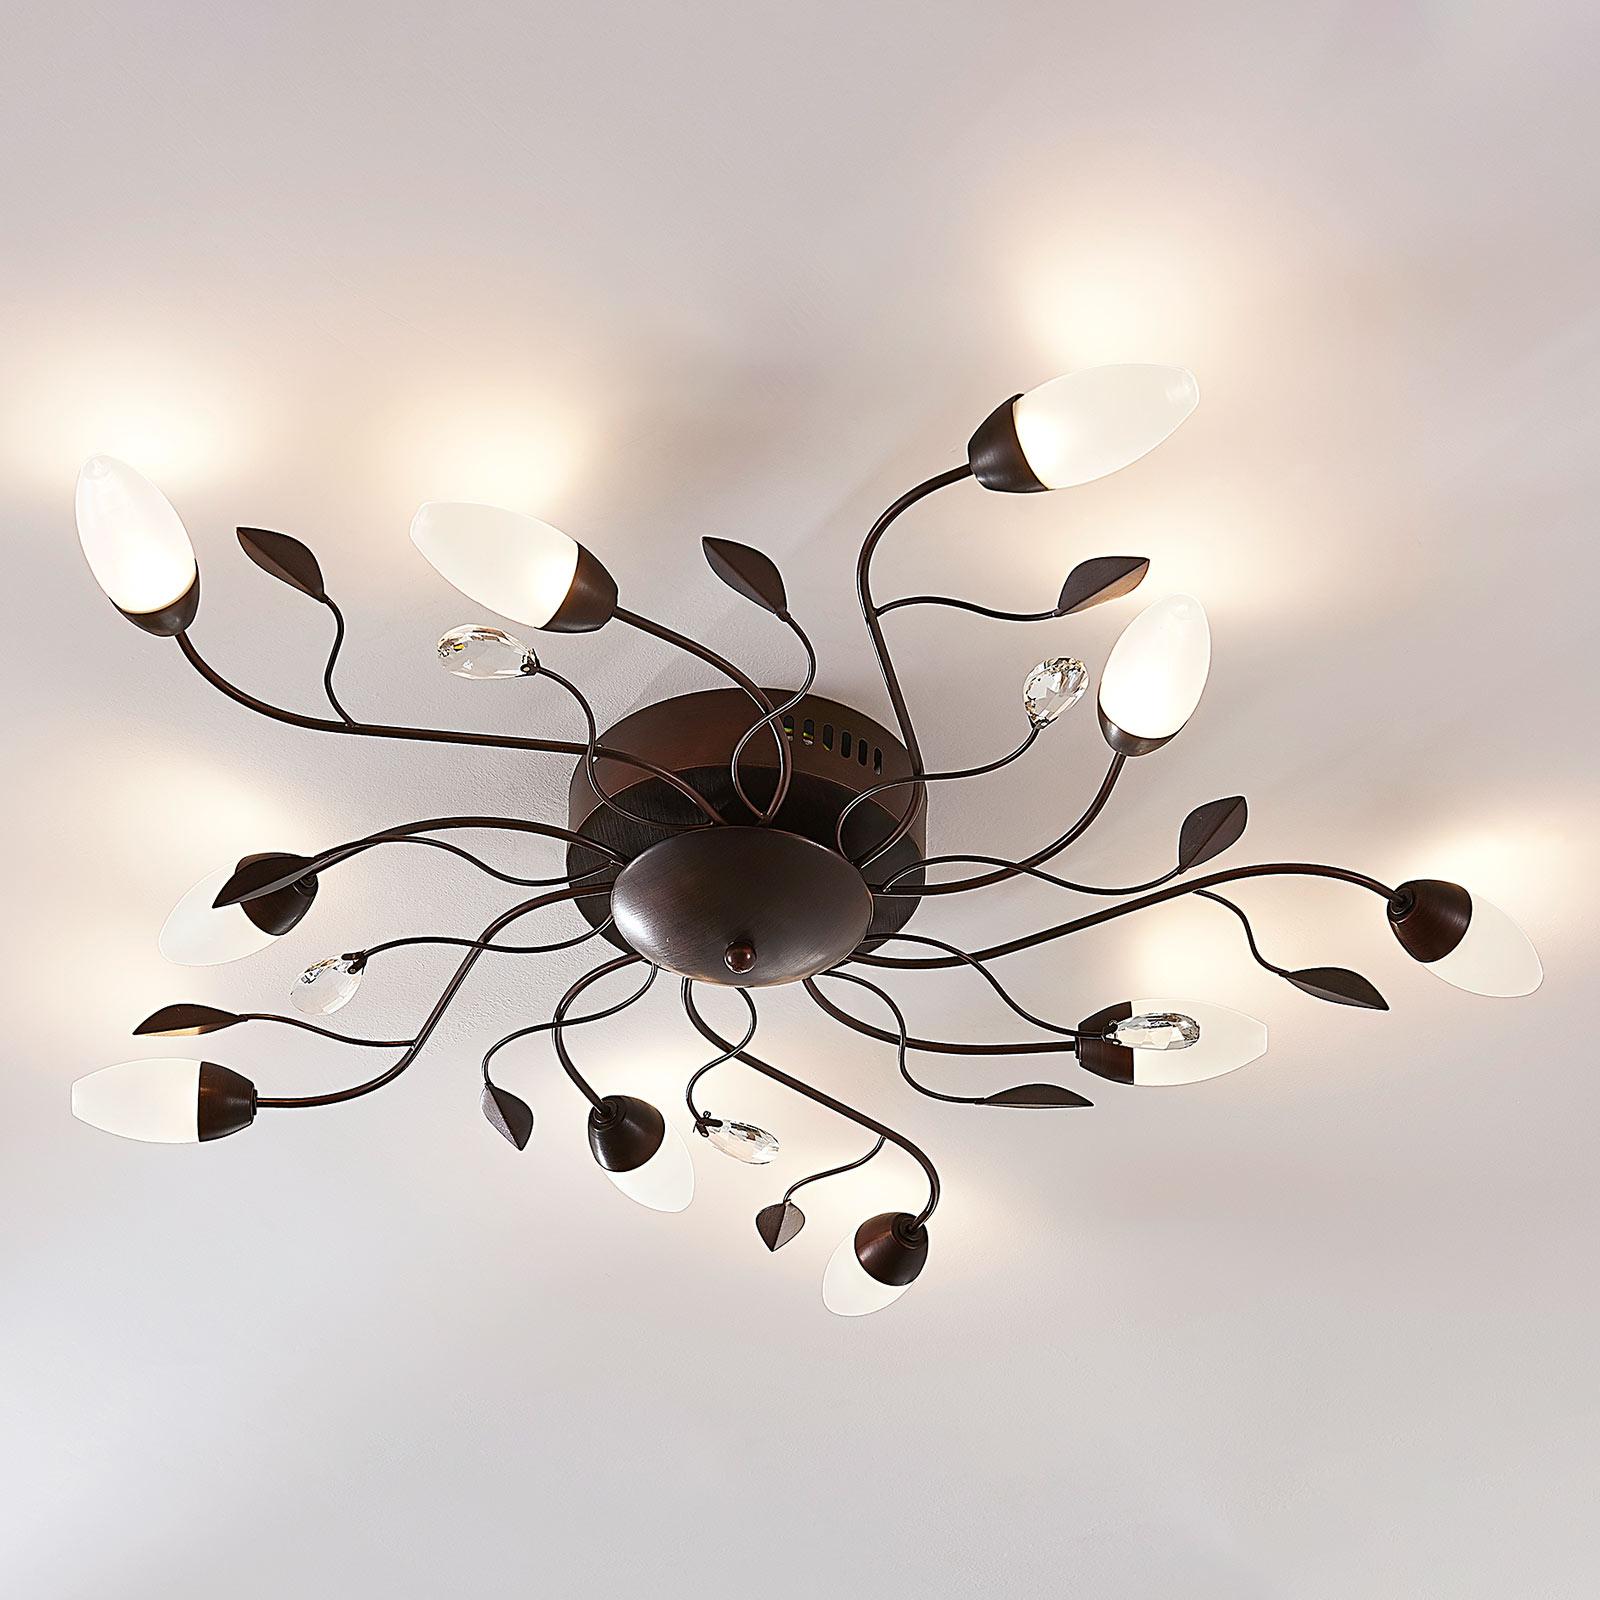 Duża lampa sufitowa Renato z 10 ściemnianymi LED